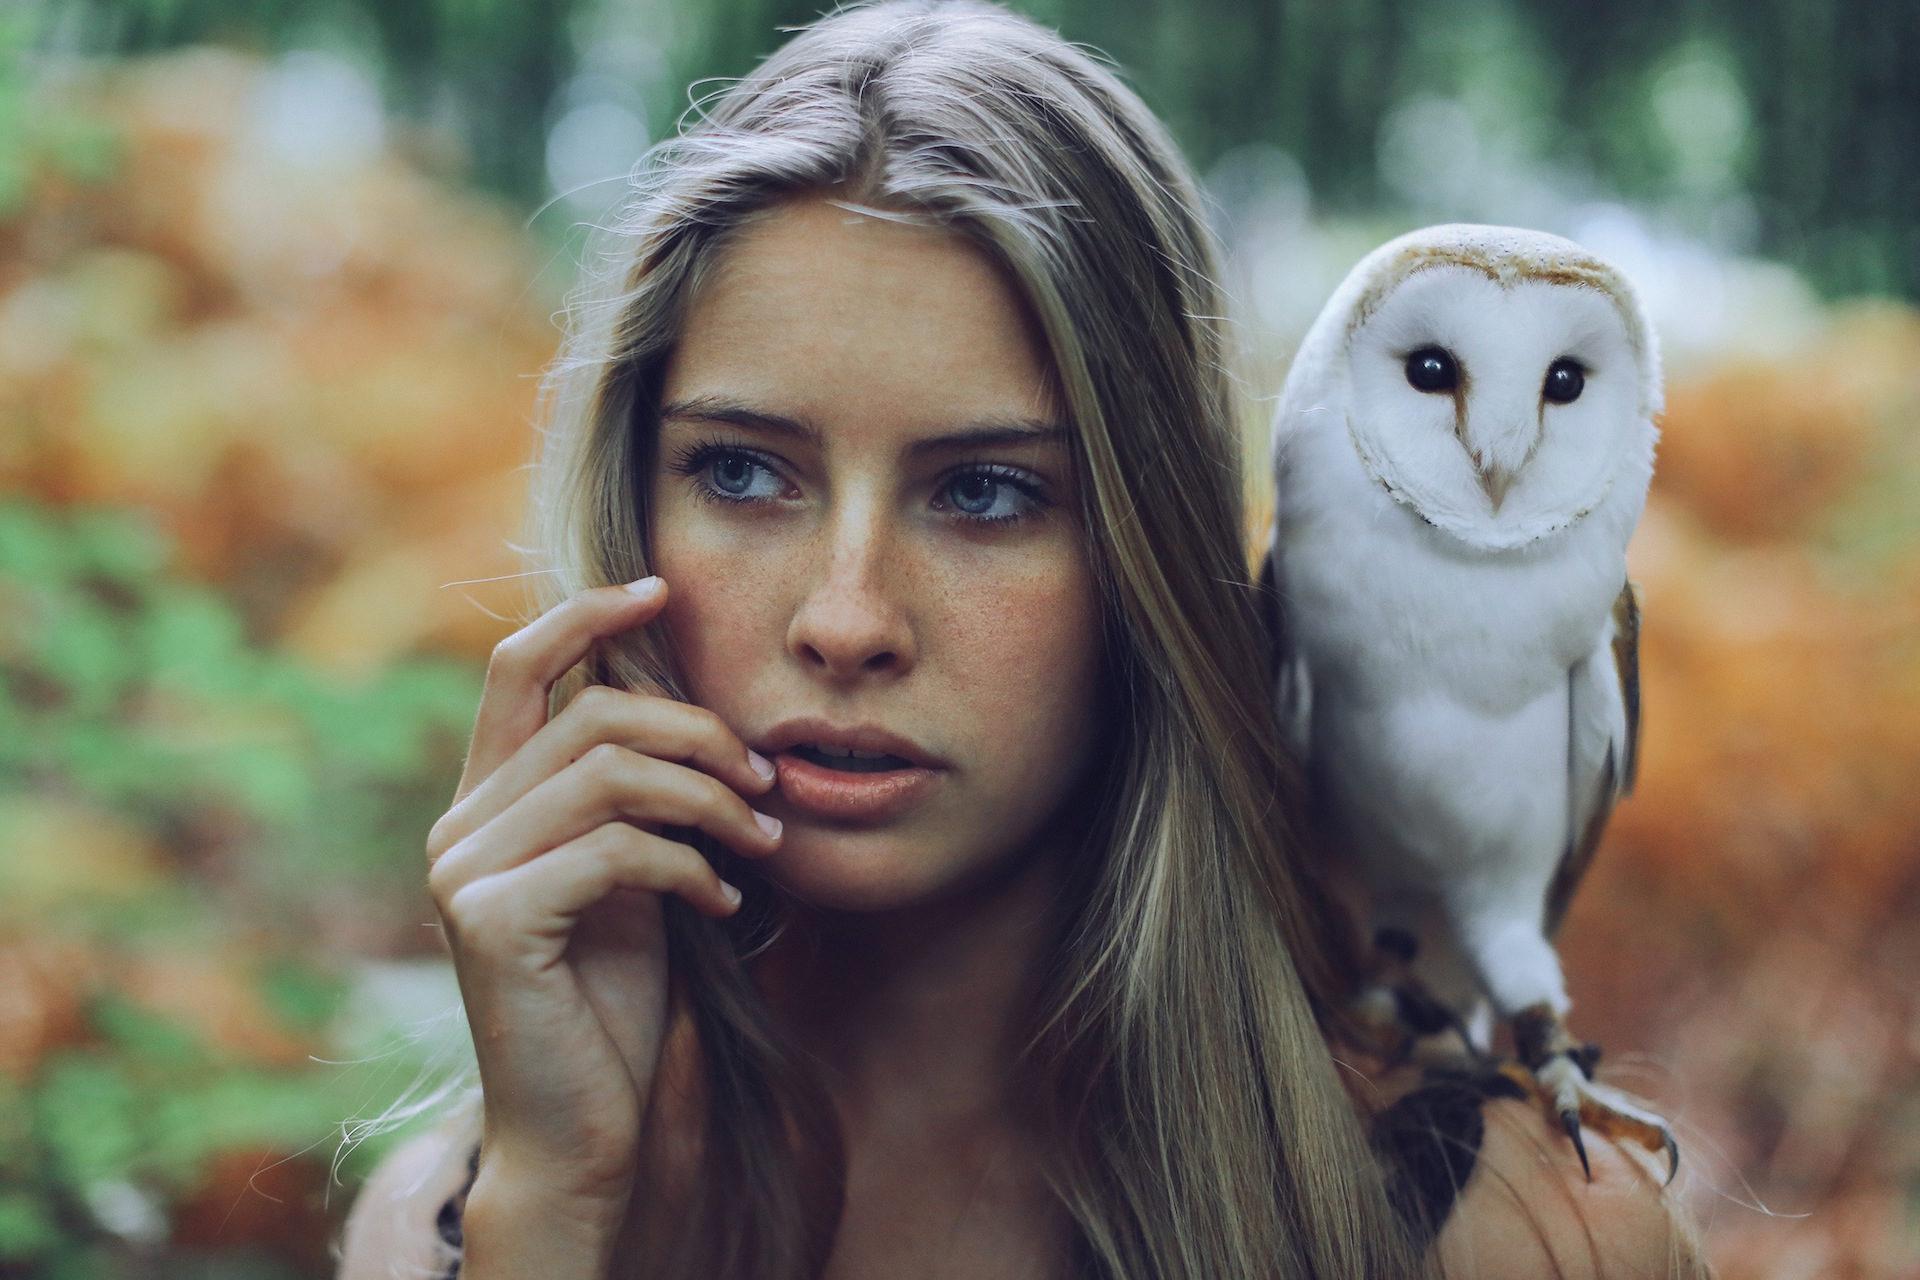 femme, HIBOU, Oiseau, Animal de compagnie, coup d'oeil - Fonds d'écran HD - Professor-falken.com